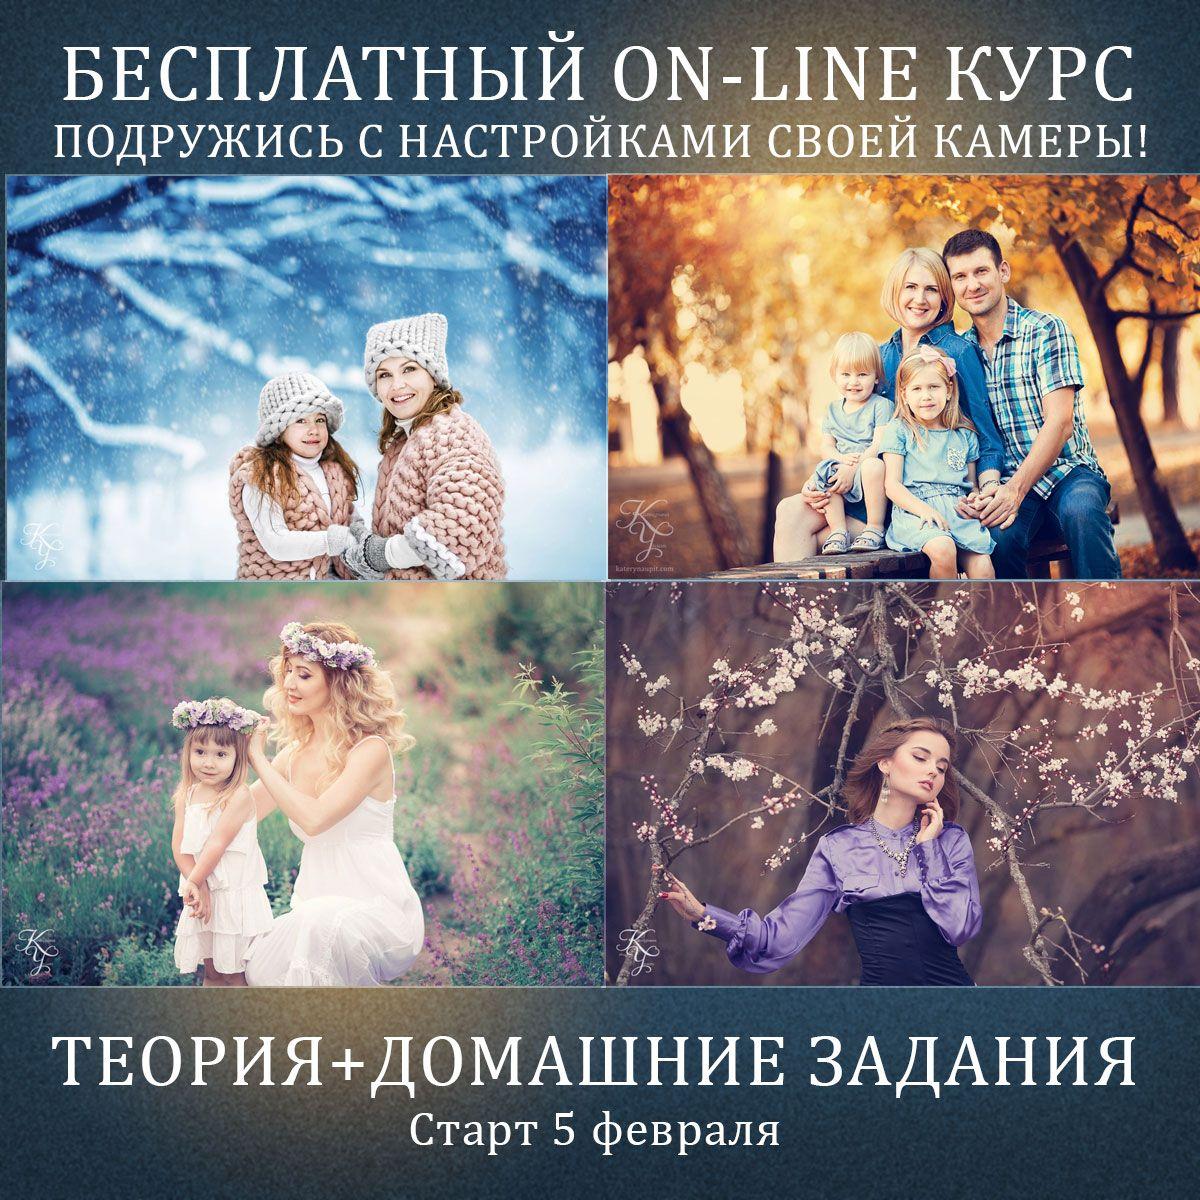 Бесплатный фотограф киев забьем на работу девушек